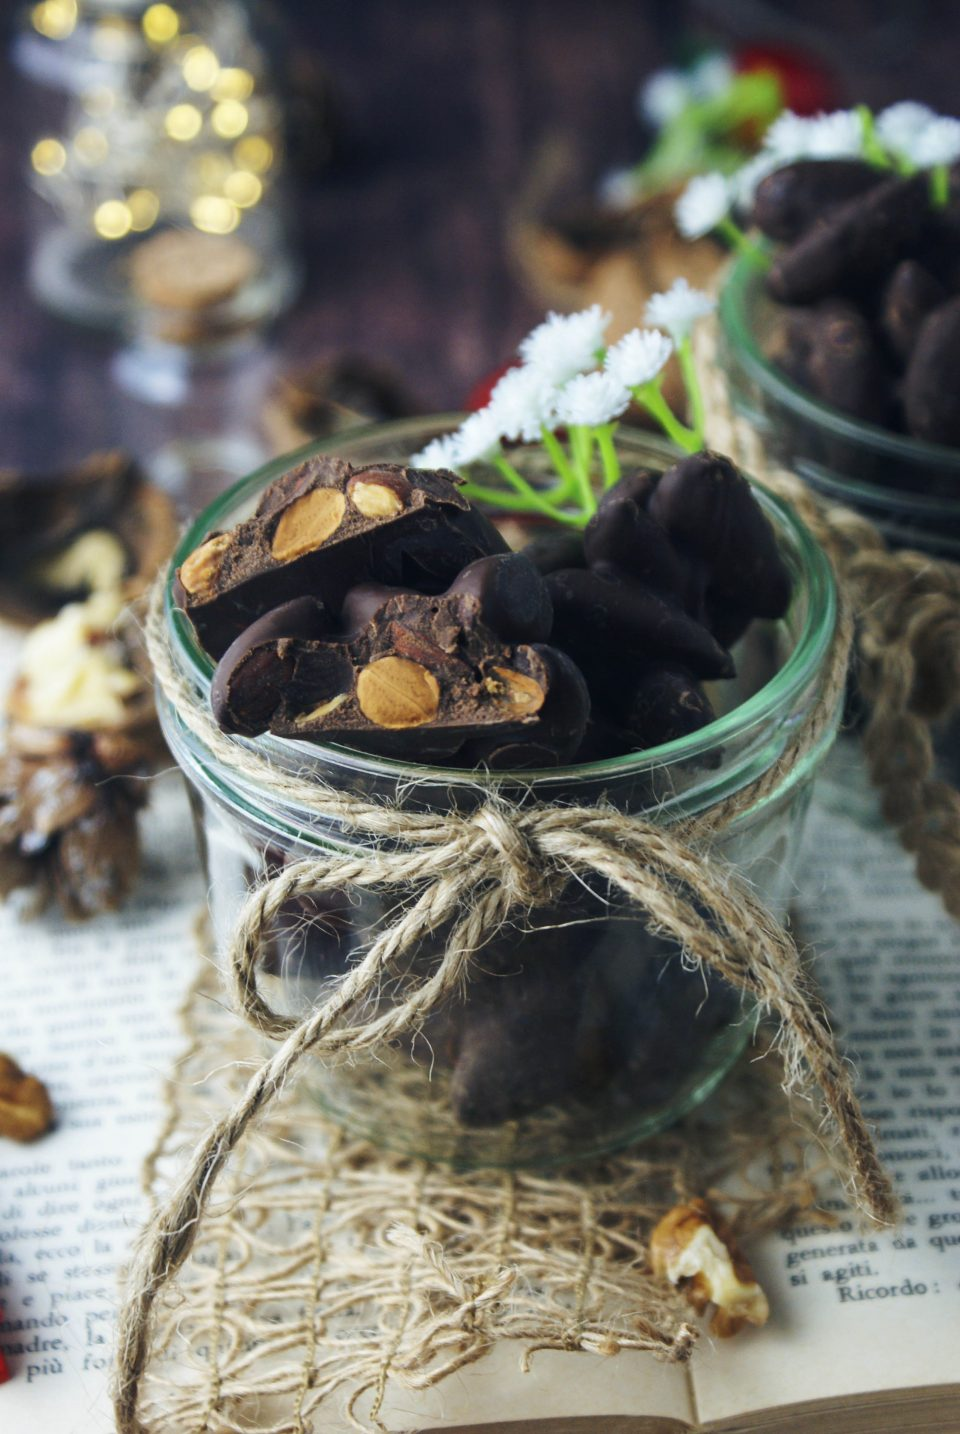 Mandorle atterrate: versione moderna della ricetta pugliese con mandorle ricoperte di cioccolato